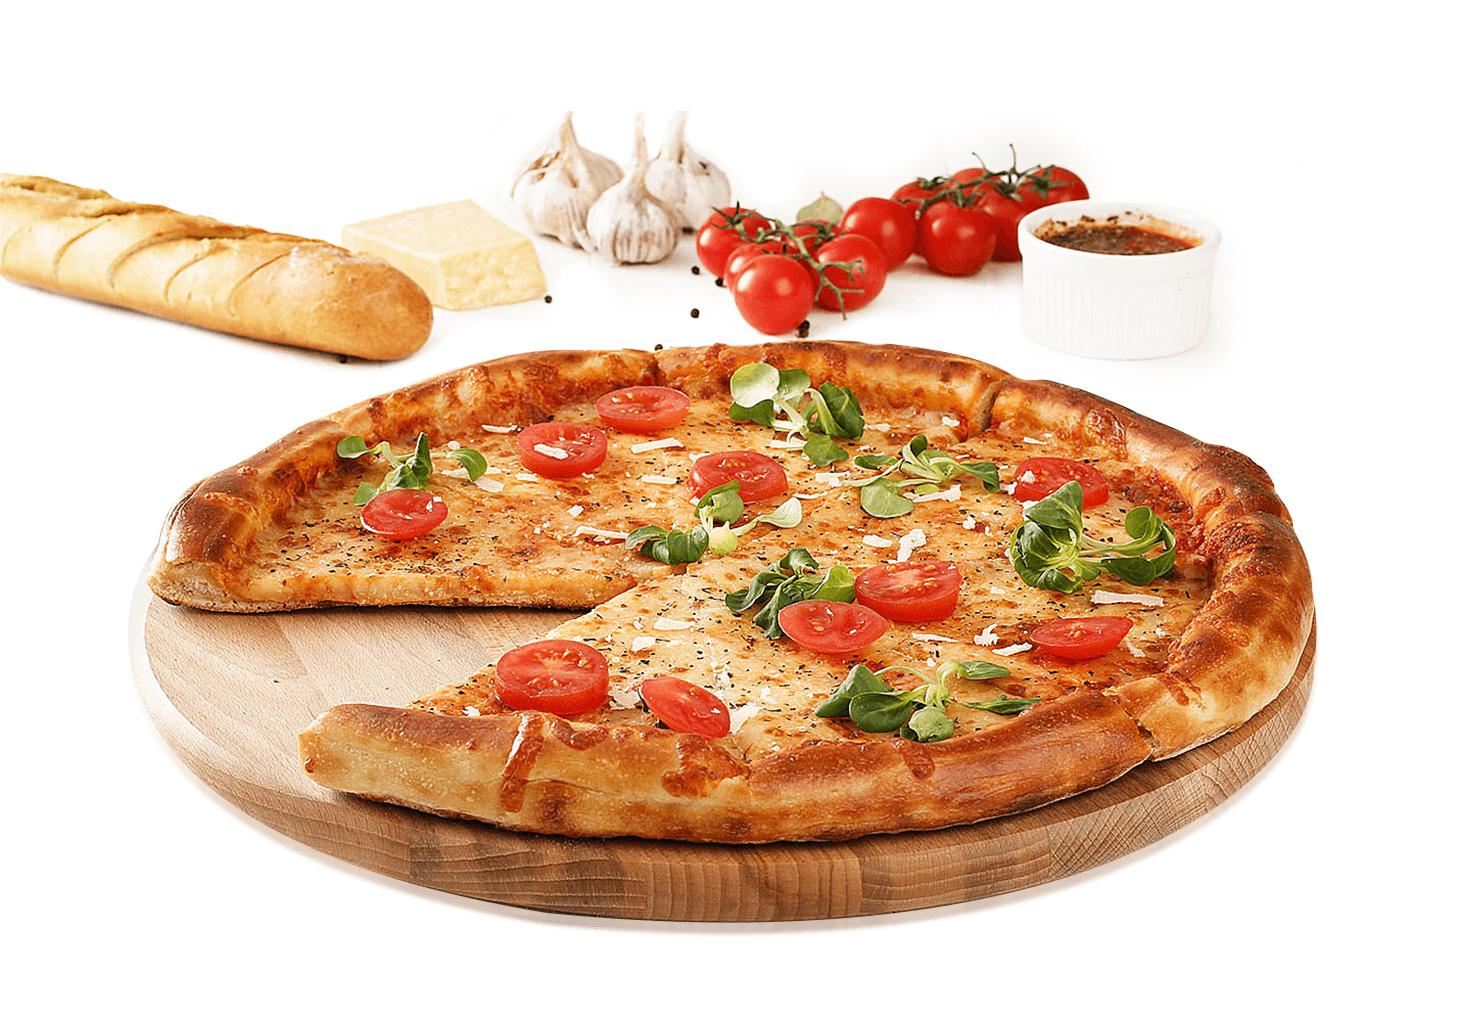 Holzteller Pizzateller Schneidebrett Käseteller Schinkenteller Fleischteller